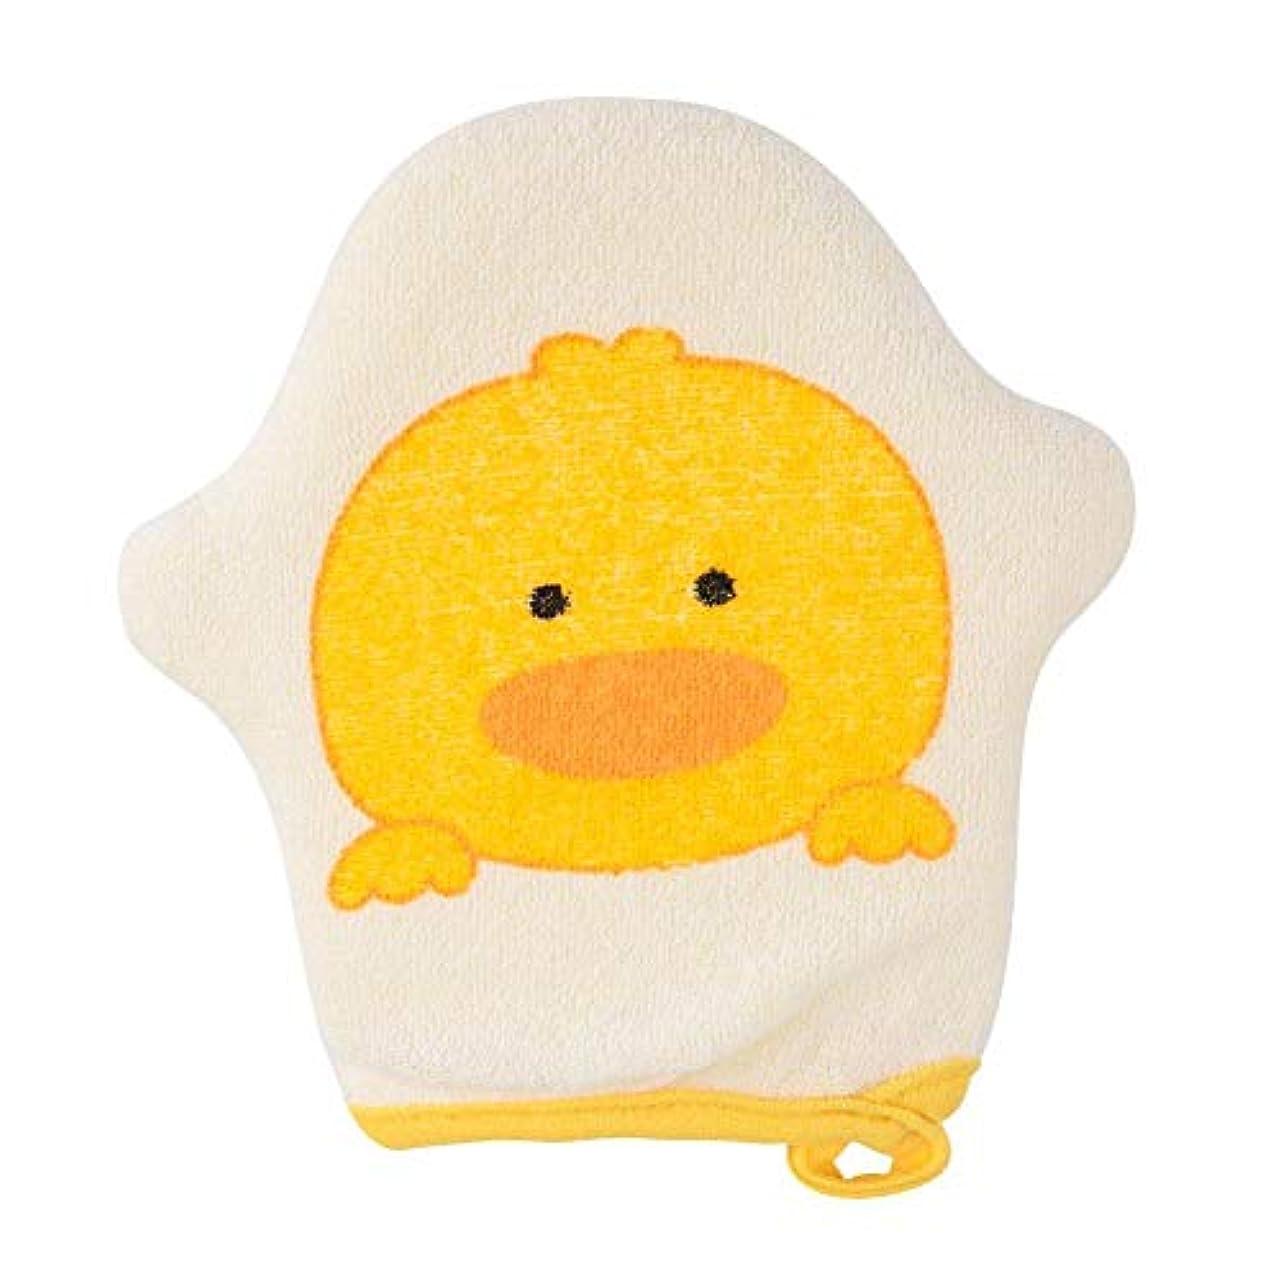 群集定期的なアライメントシャワースポンジ シャワー手袋 垢すり手袋 ボディースポンジ 浴用手袋 赤ちゃん ベビー 両面用 入浴用 シャワーブラシ 入浴用品 お風呂用 バス用品 柔らかい 動物柄 かわいい オシャレ(イエロー)